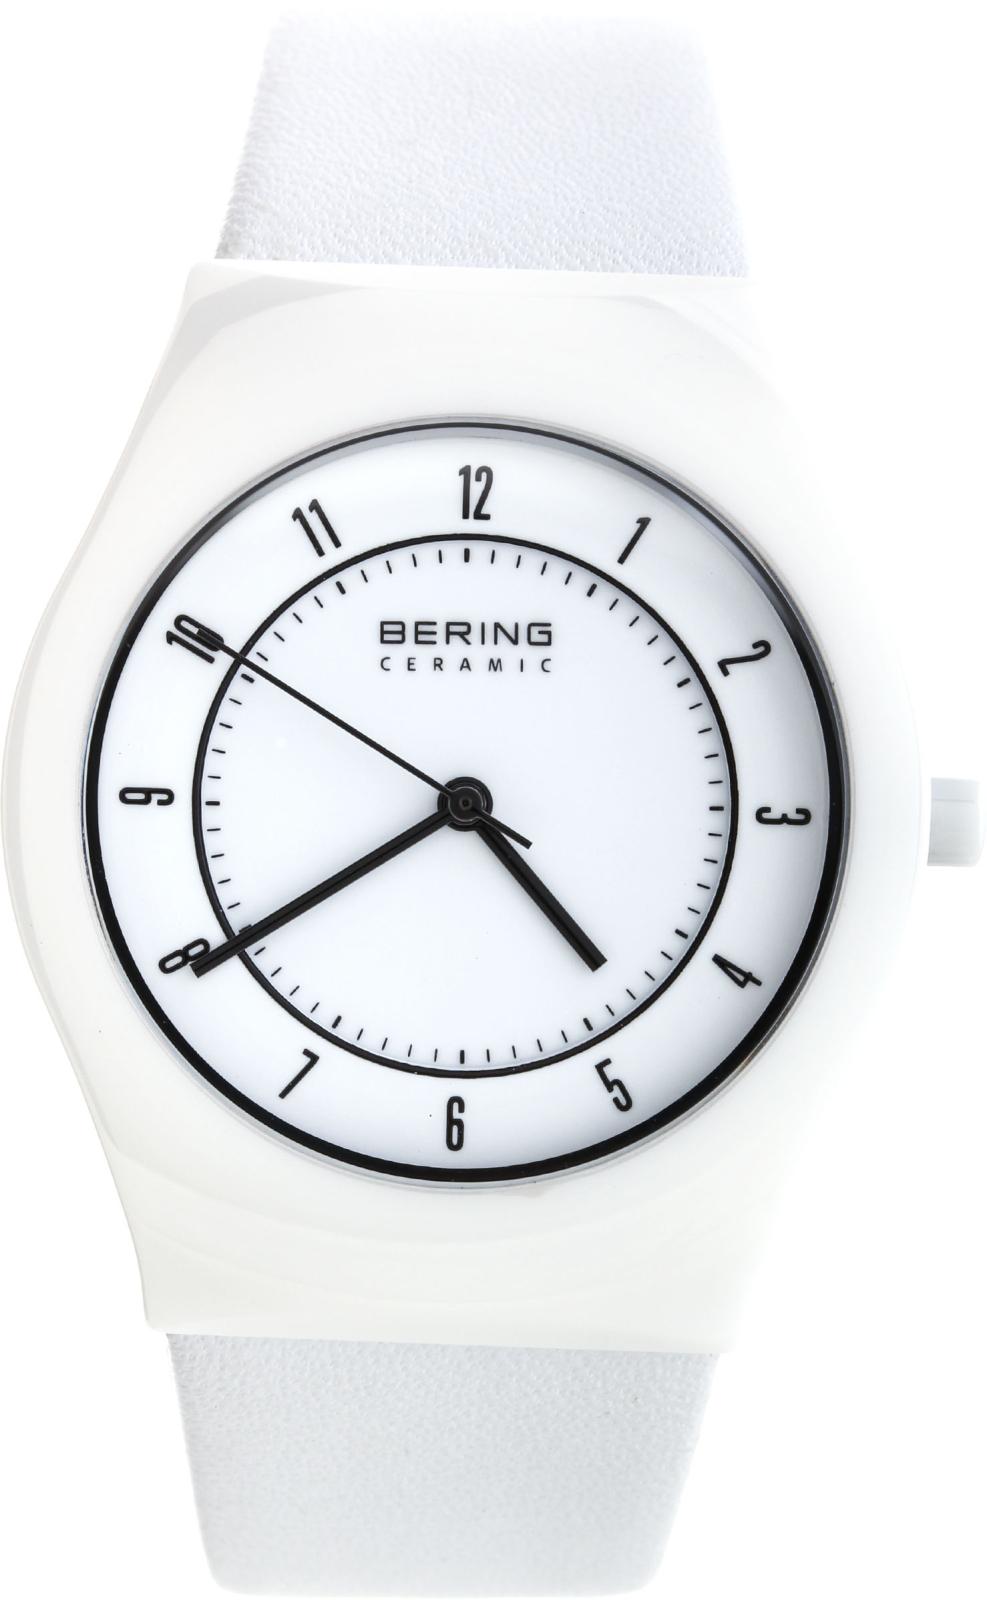 Bering Ceramic 32035-654Наручные часы<br>Датские часы Bering Ceramic 32035-654<br><br>Пол: Мужские<br>Страна-производитель: Дания<br>Механизм: Кварцевый<br>Материал корпуса: Керамика<br>Материал ремня/браслета: Кожа<br>Водозащита, диапазон: 20 - 100 м<br>Стекло: Сапфировое<br>Толщина корпуса: None<br>Стиль: Классика